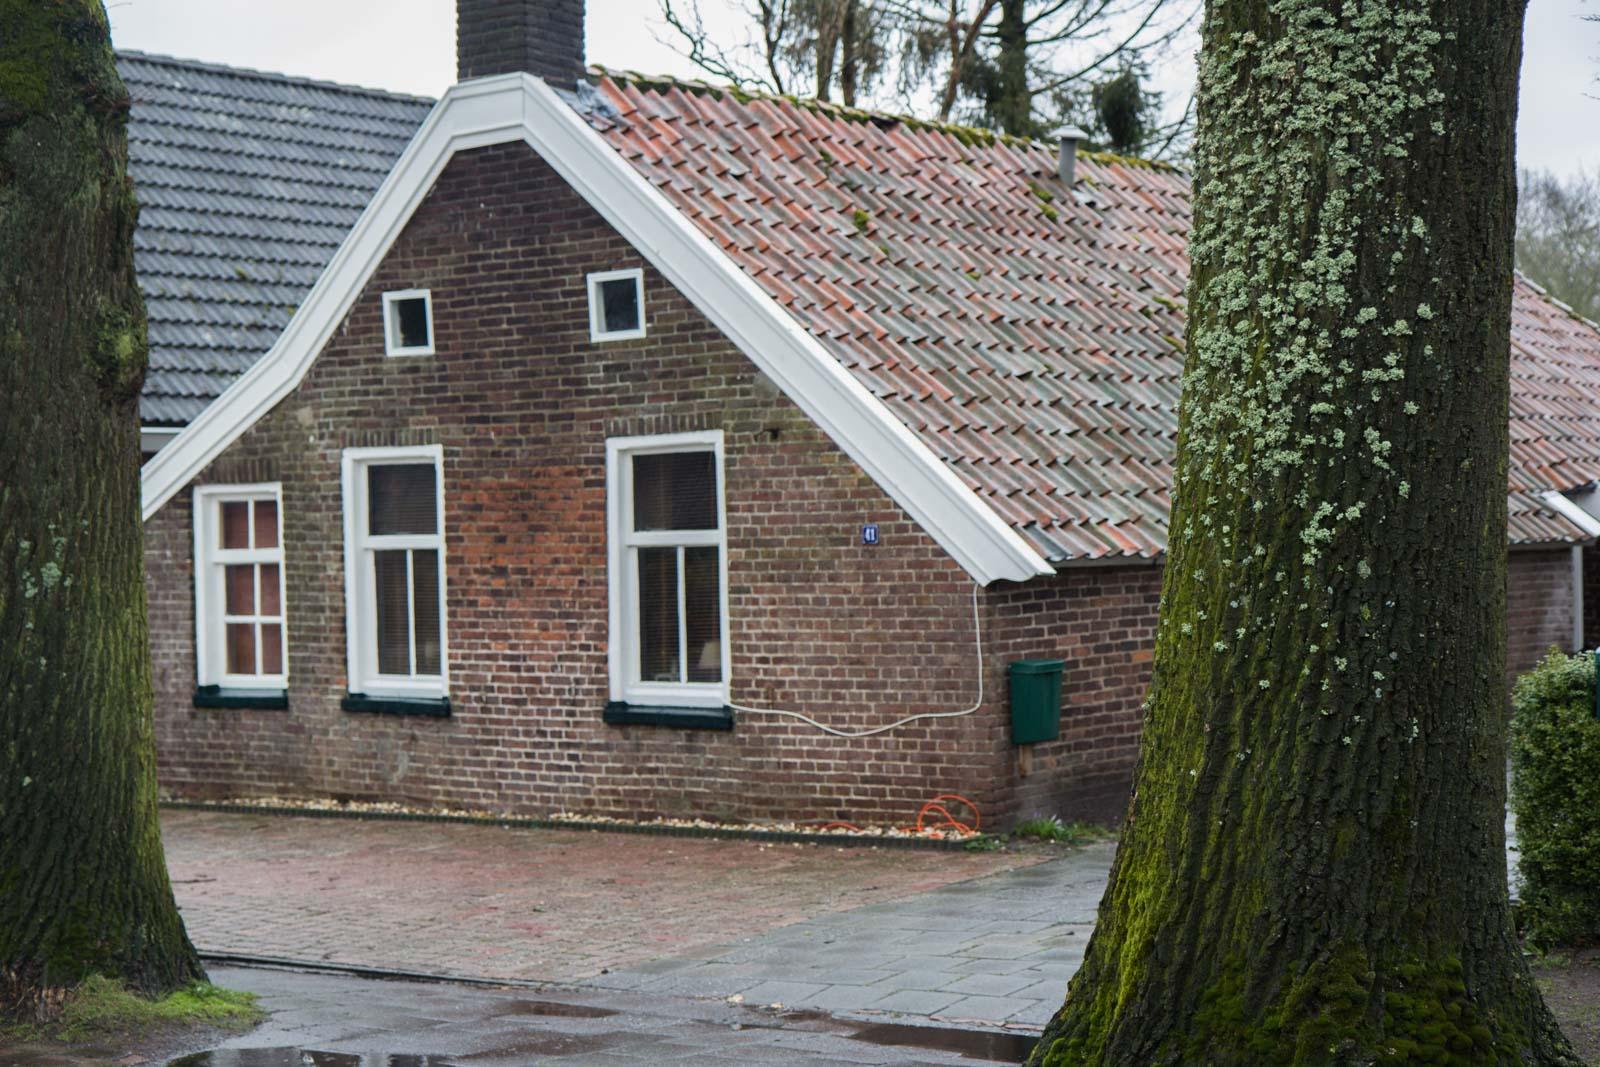 Van Gogh House, Nieuw Amsterdam, Netherlands